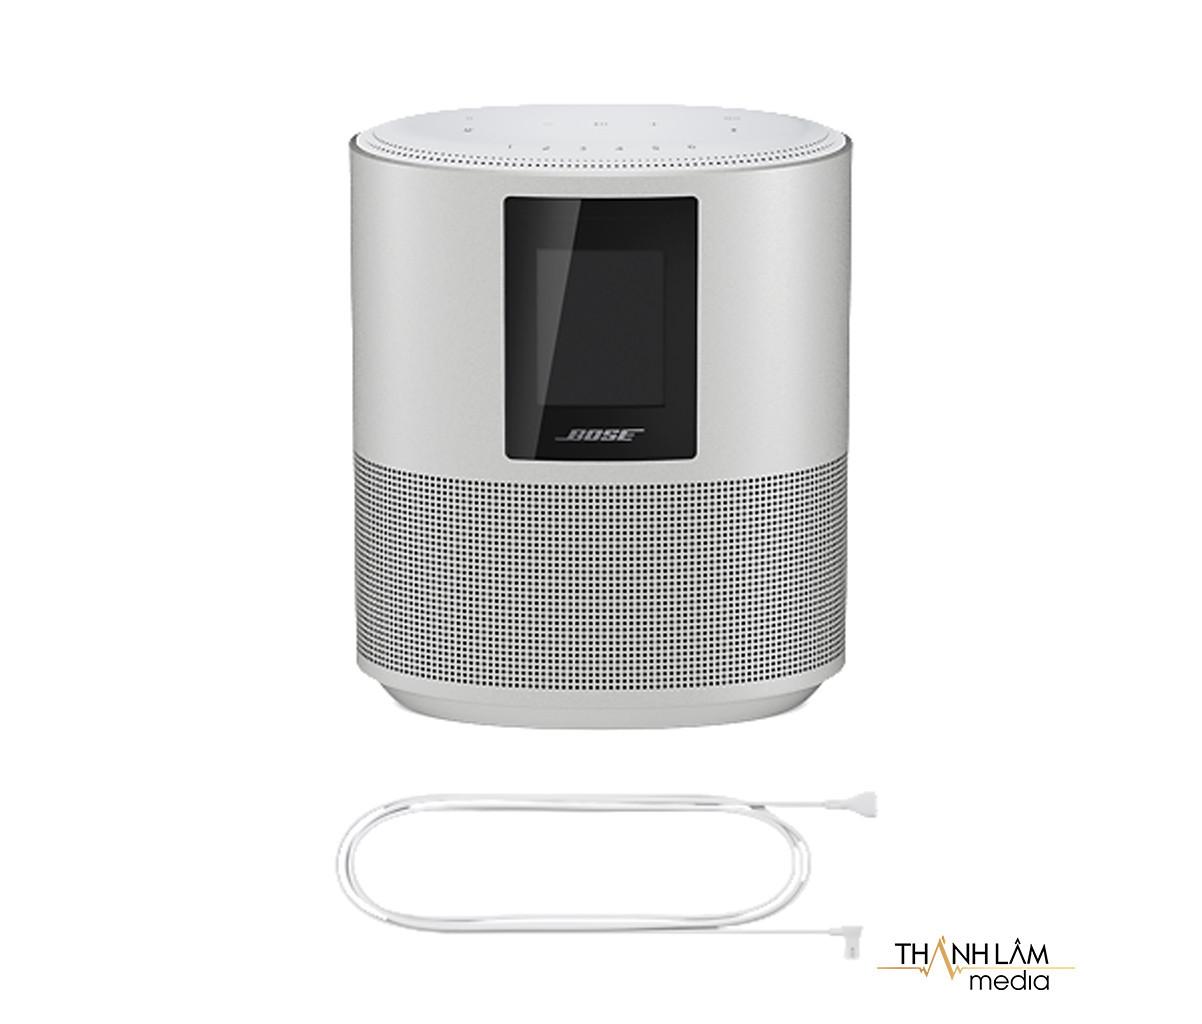 Loa Bose Home Speaker 500 Trang 3